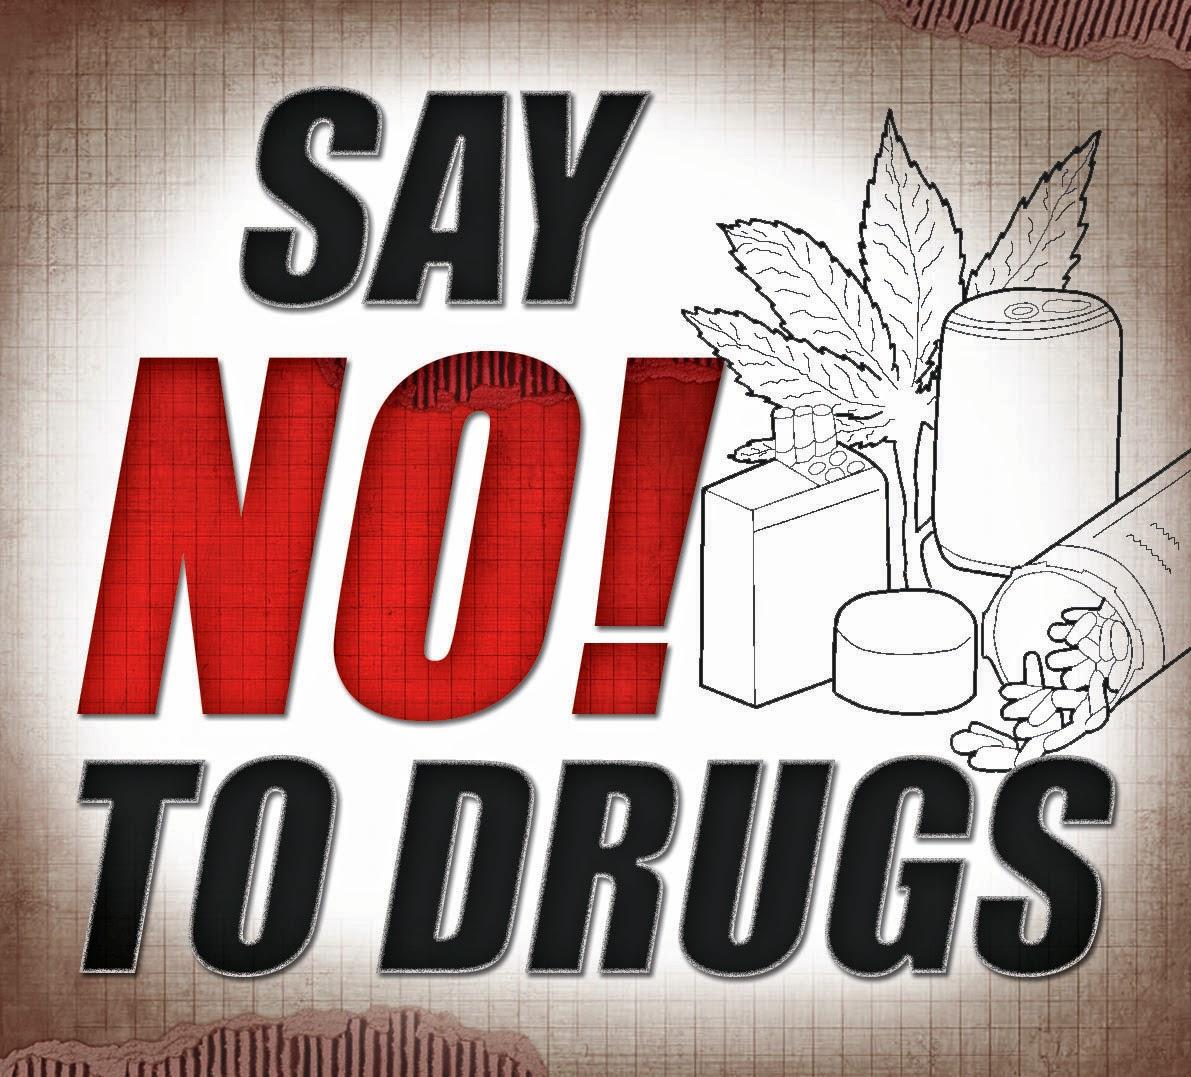 Galeri Gambar Poster Kartun Anti Narkoba Galeri Kartun